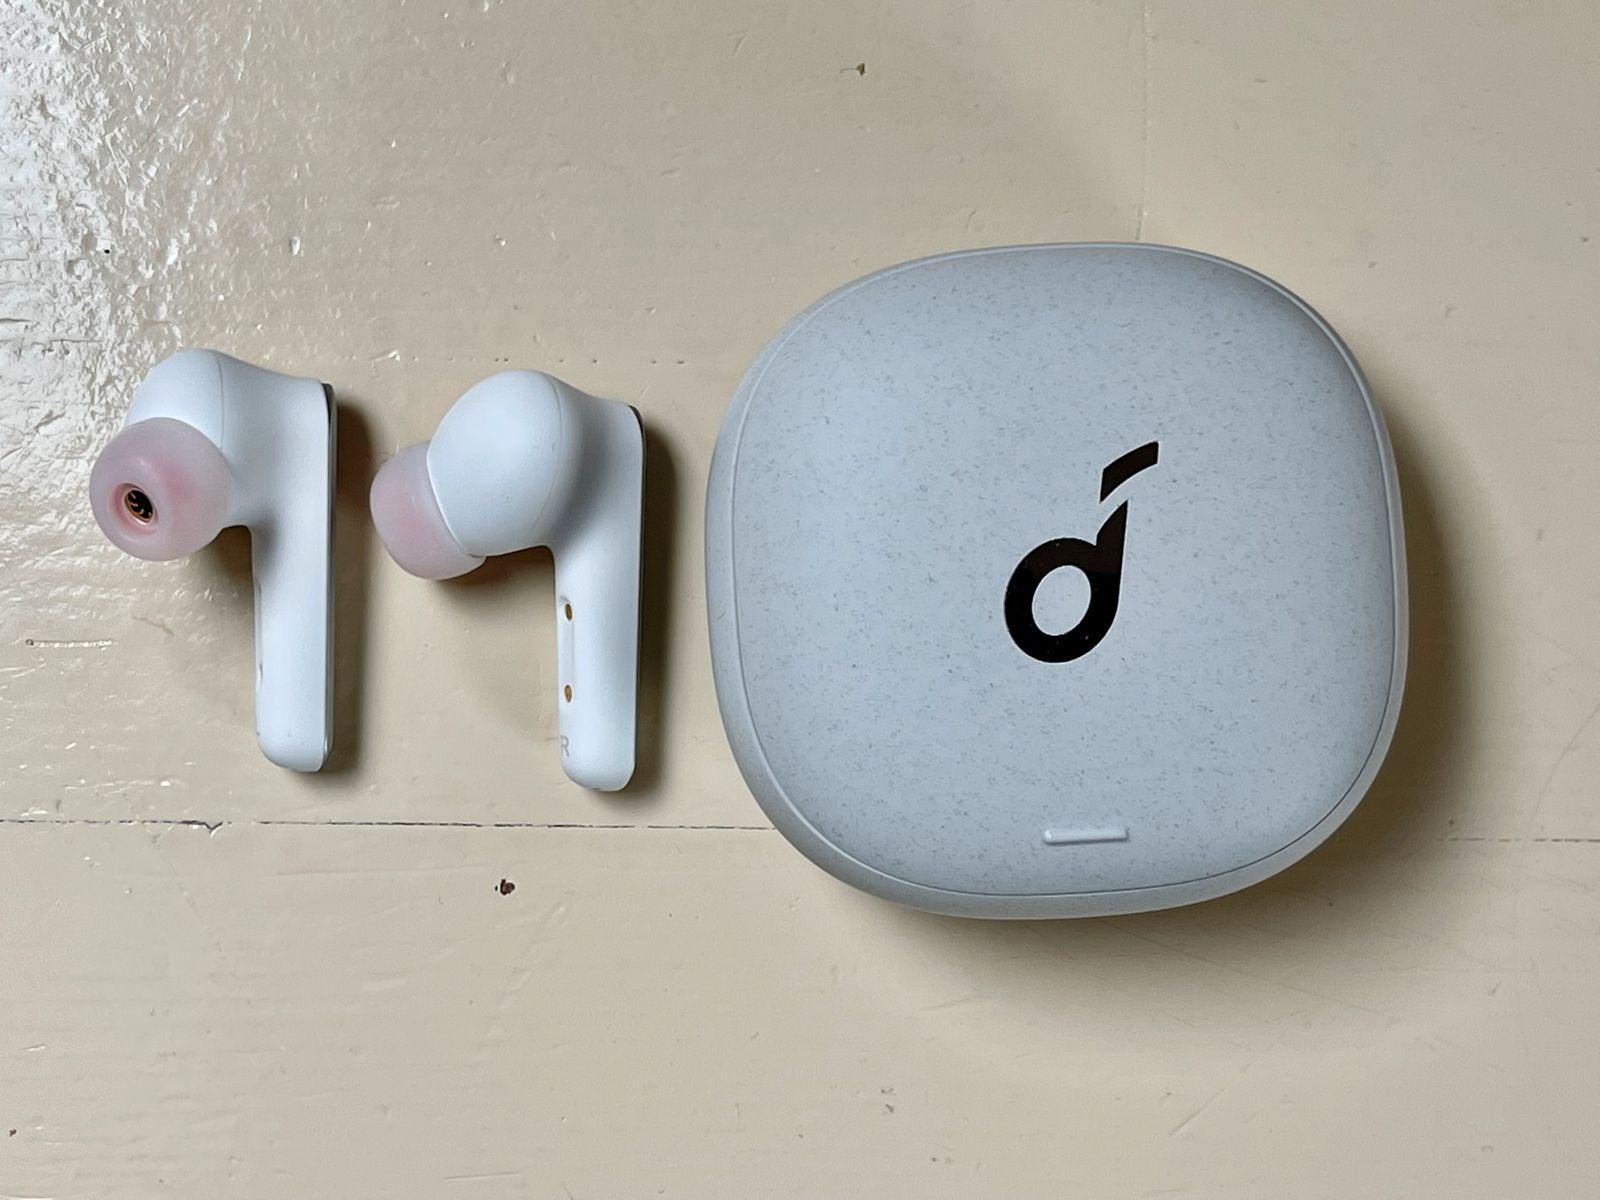 True Wireless Headsets